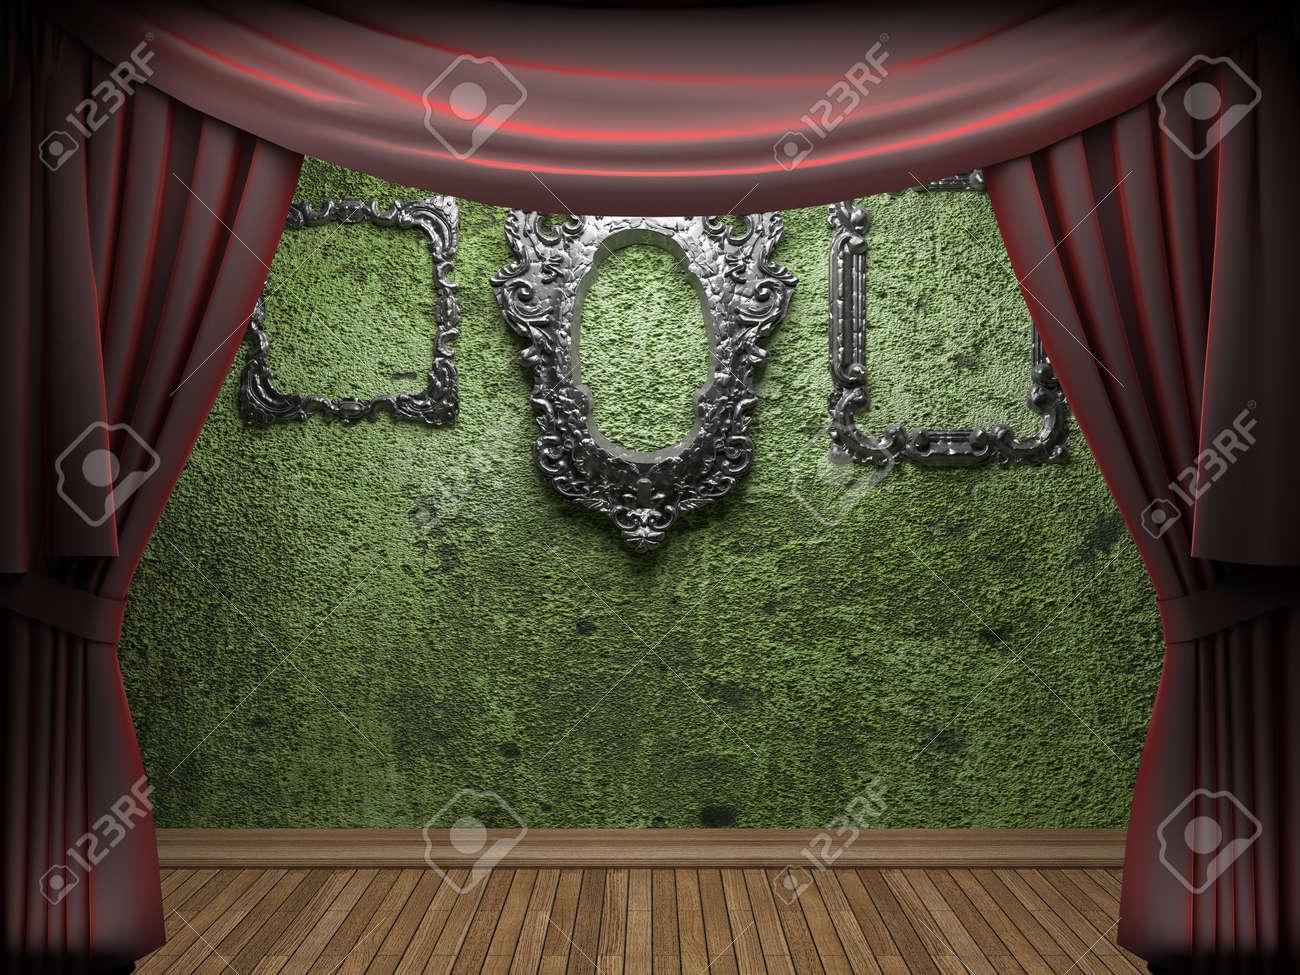 Red velvet curtain opening scene made in 3d Stock Photo - 9358590